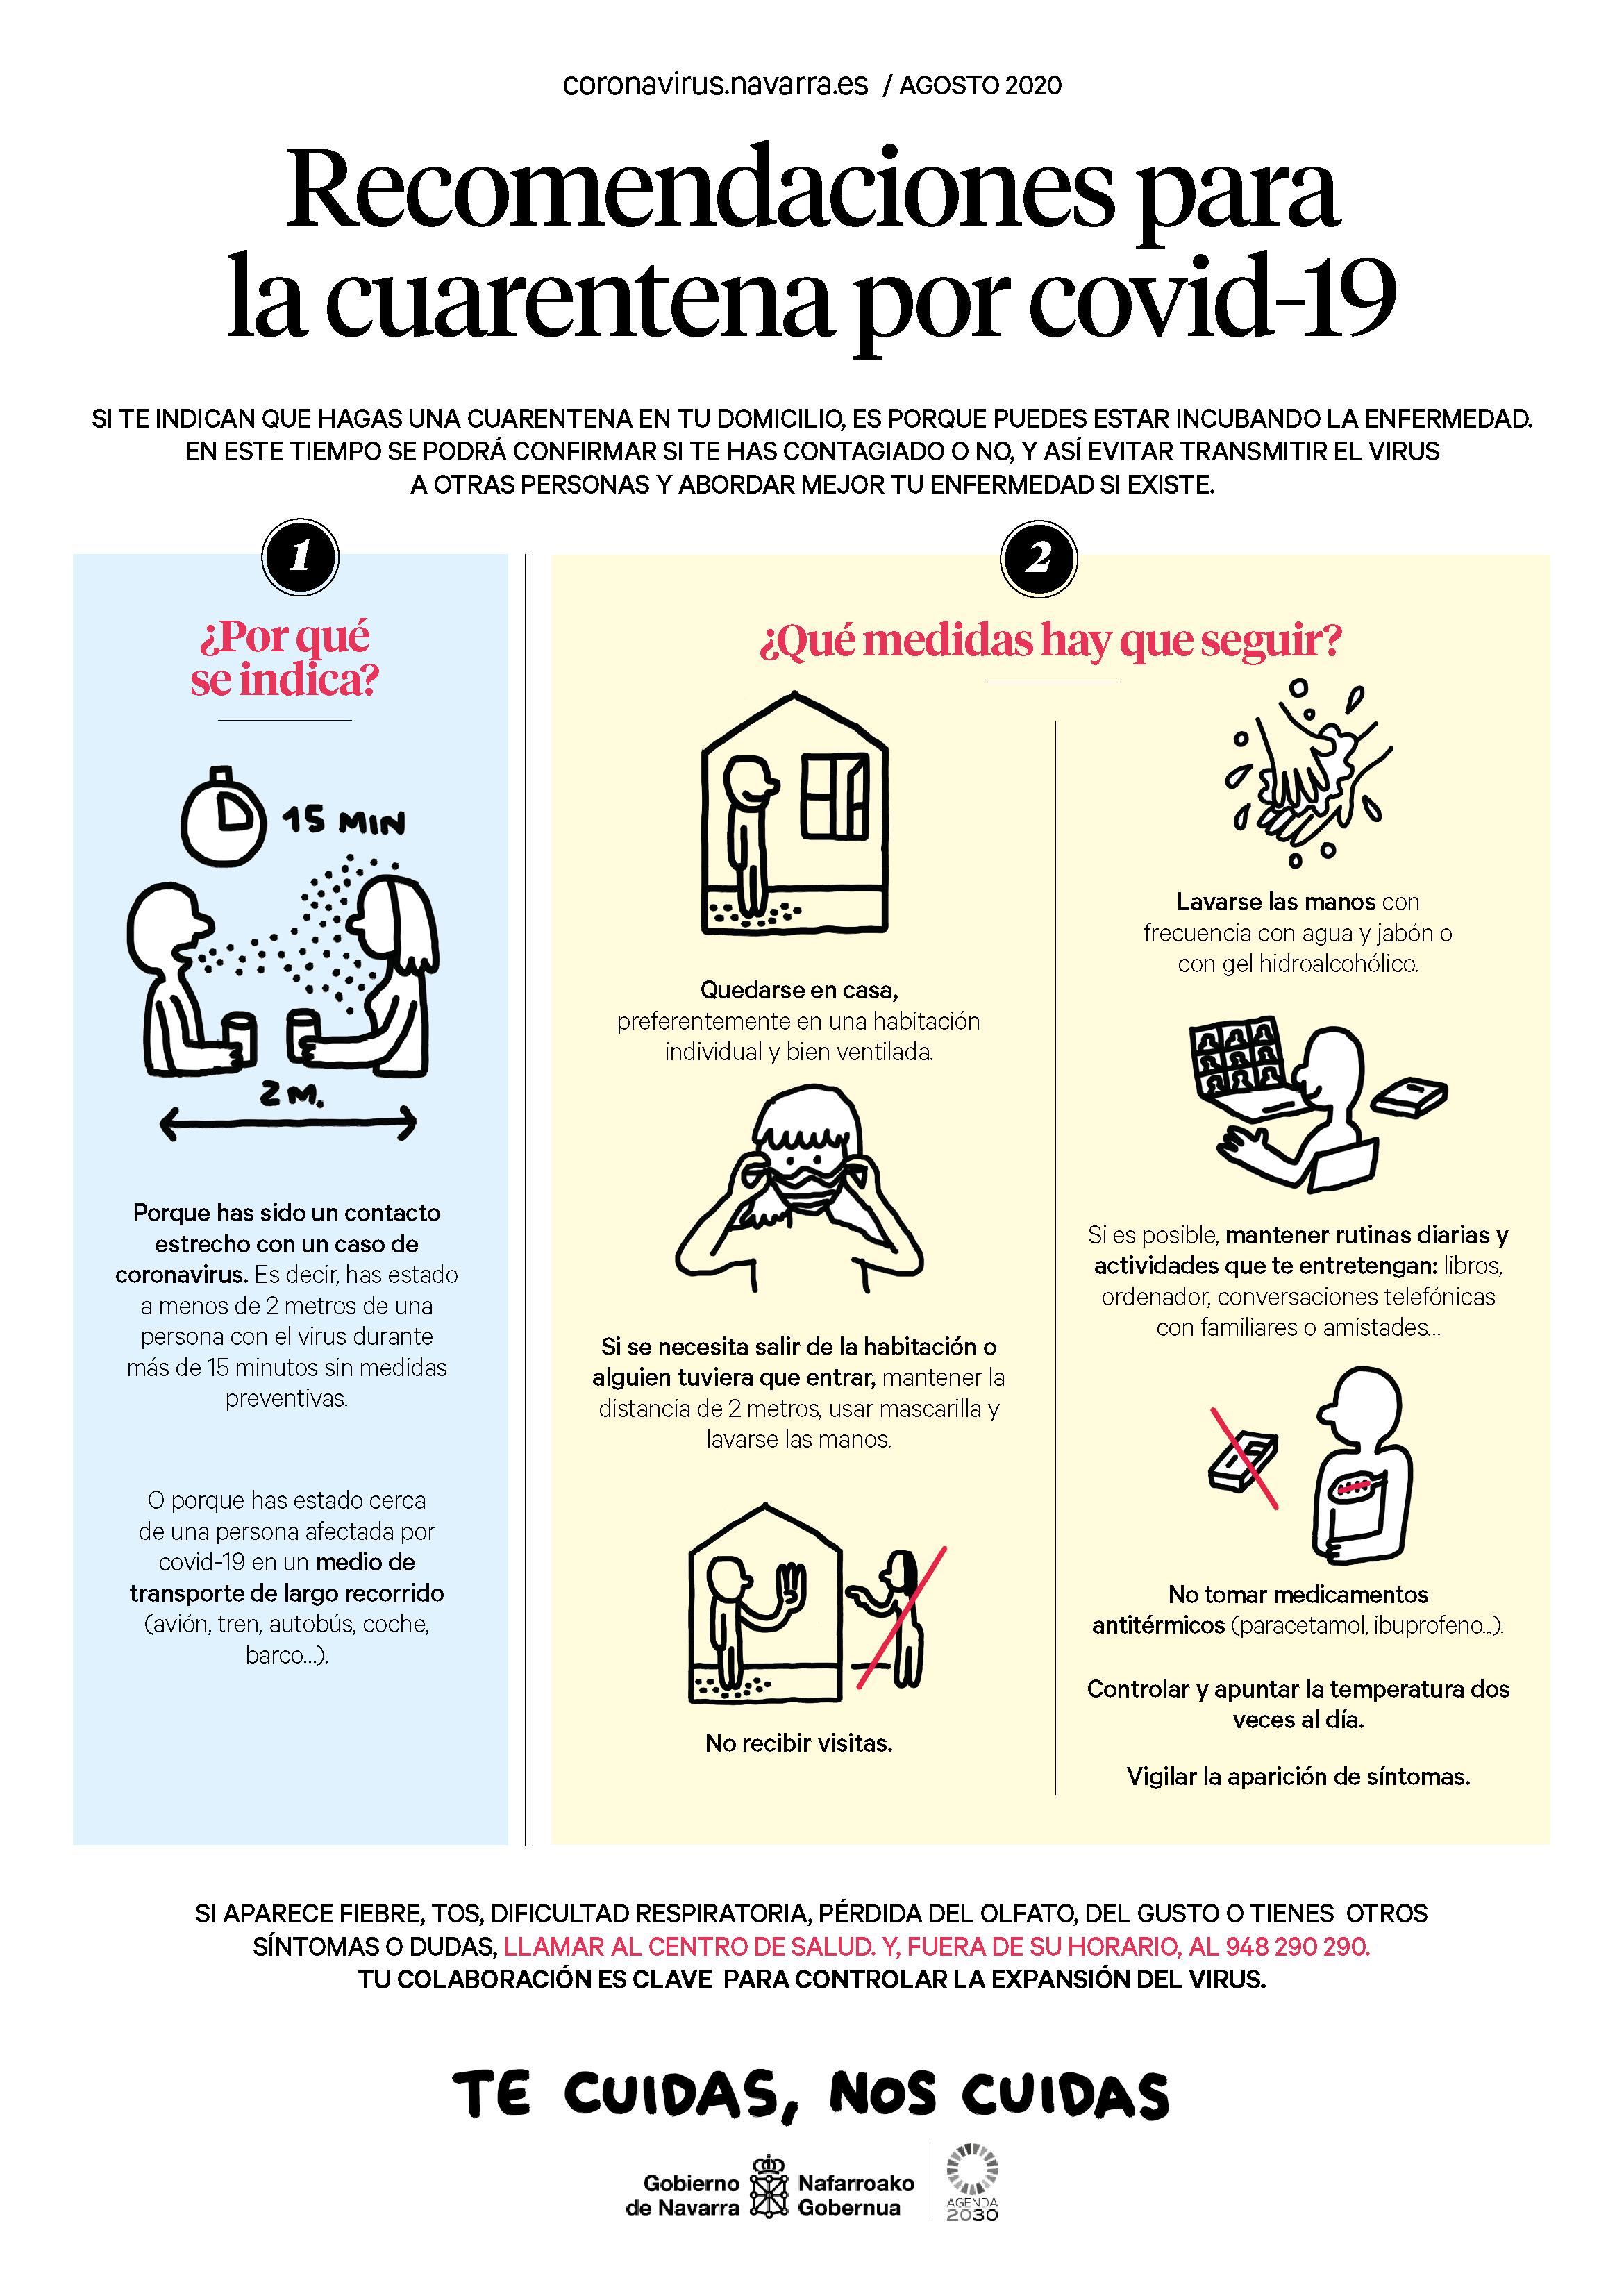 Infografía con recomendaciones para la cuarentena por covid-19